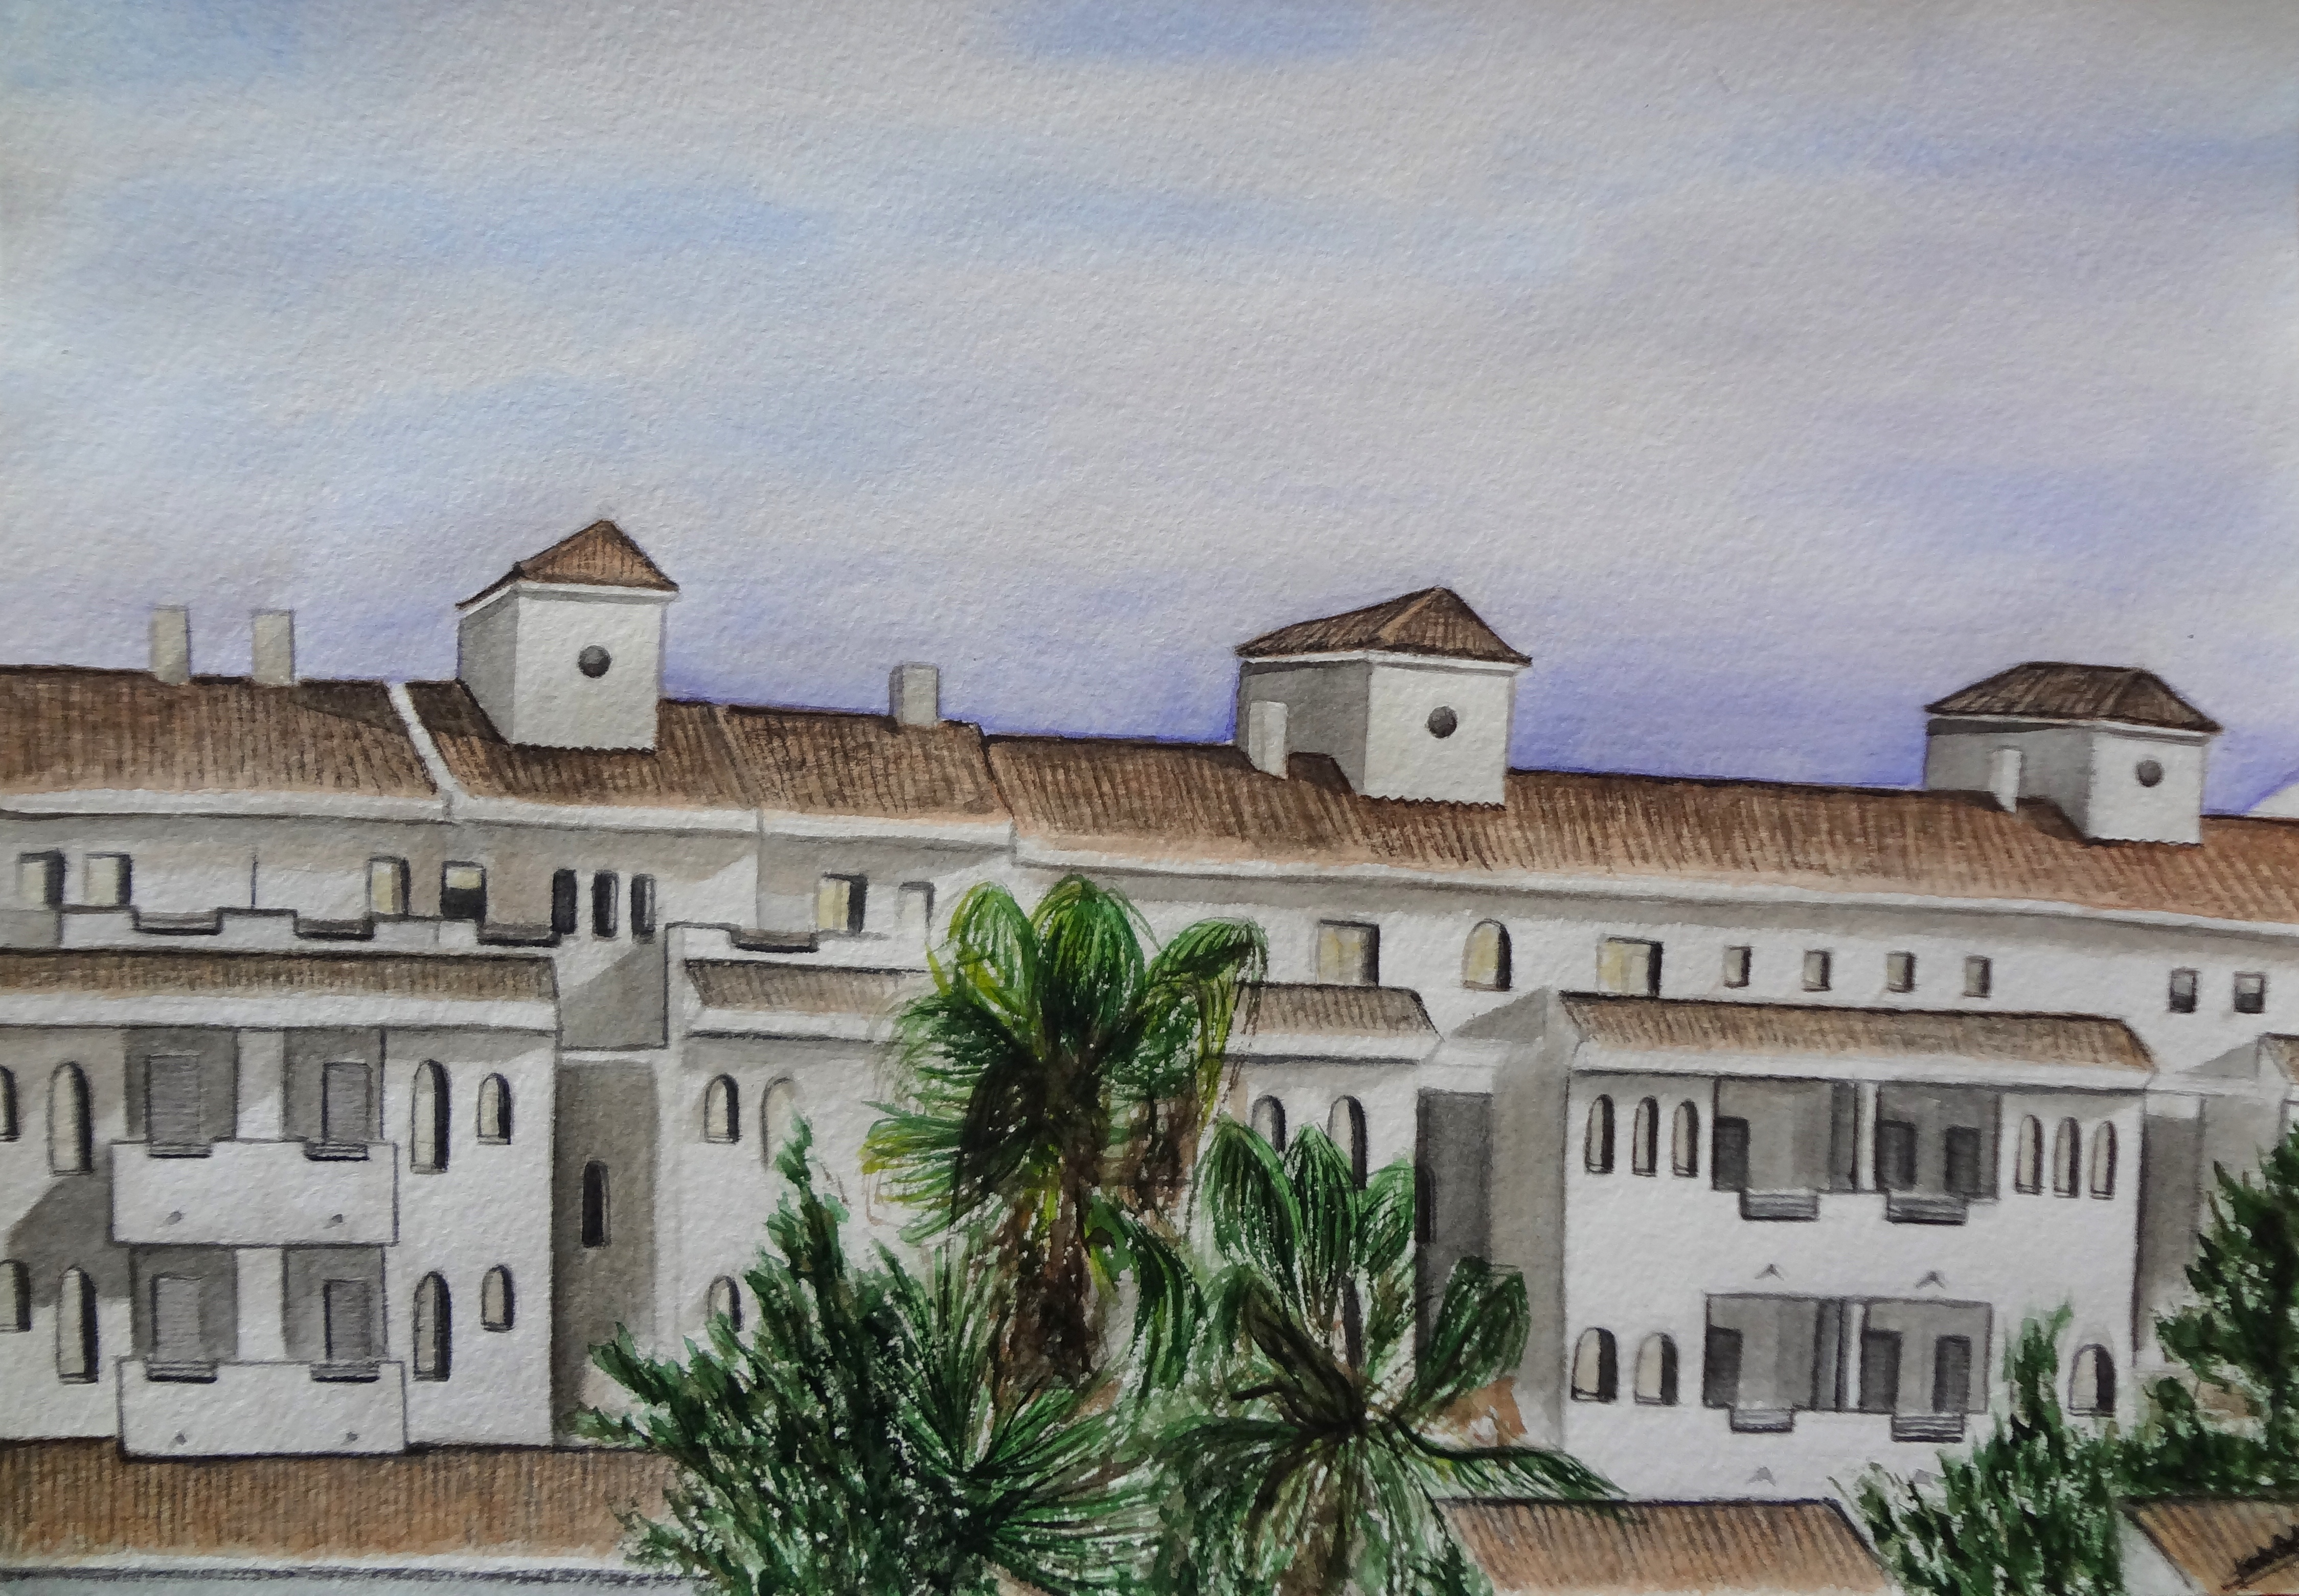 Maison de vacances en Espagne